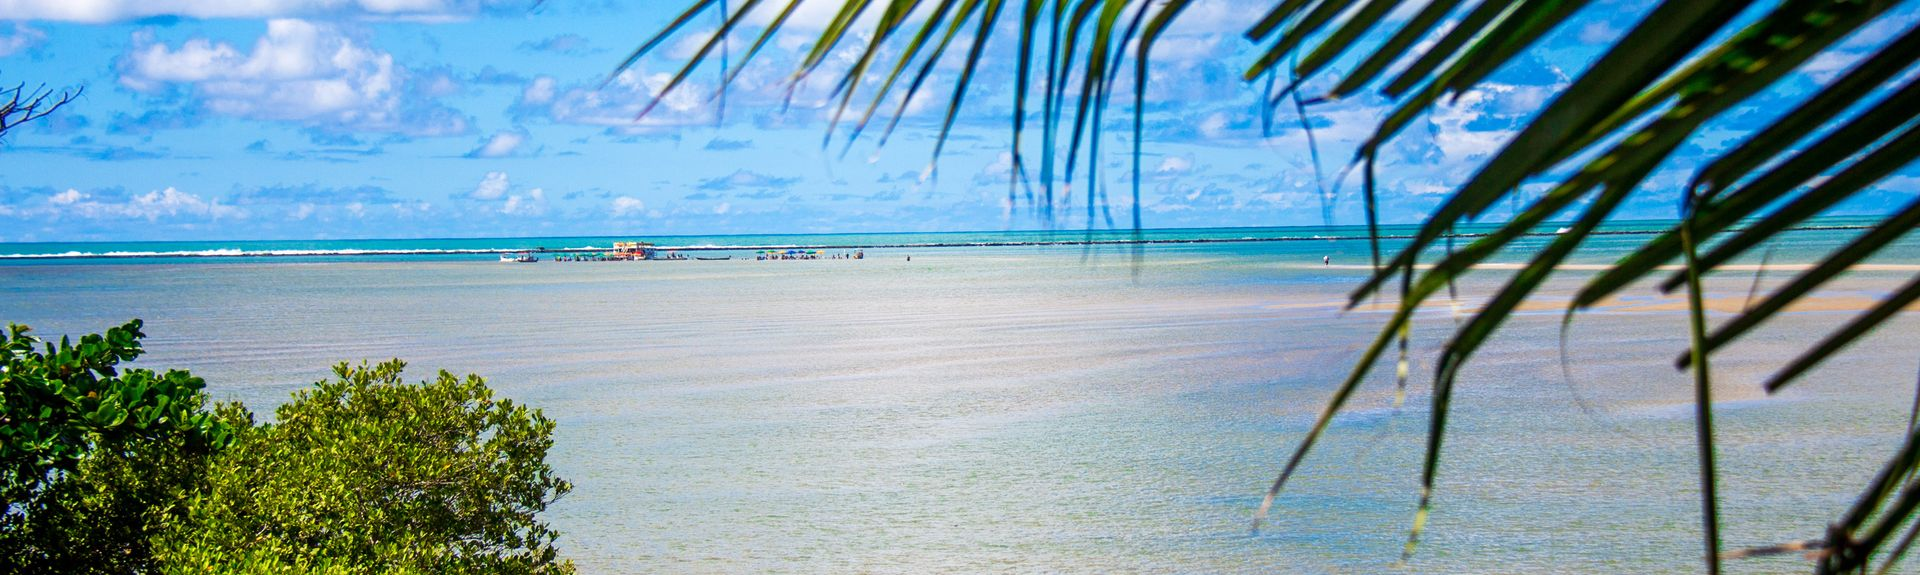 Ponta Verde-stranden, Maceio, Alagoas, Brasilien